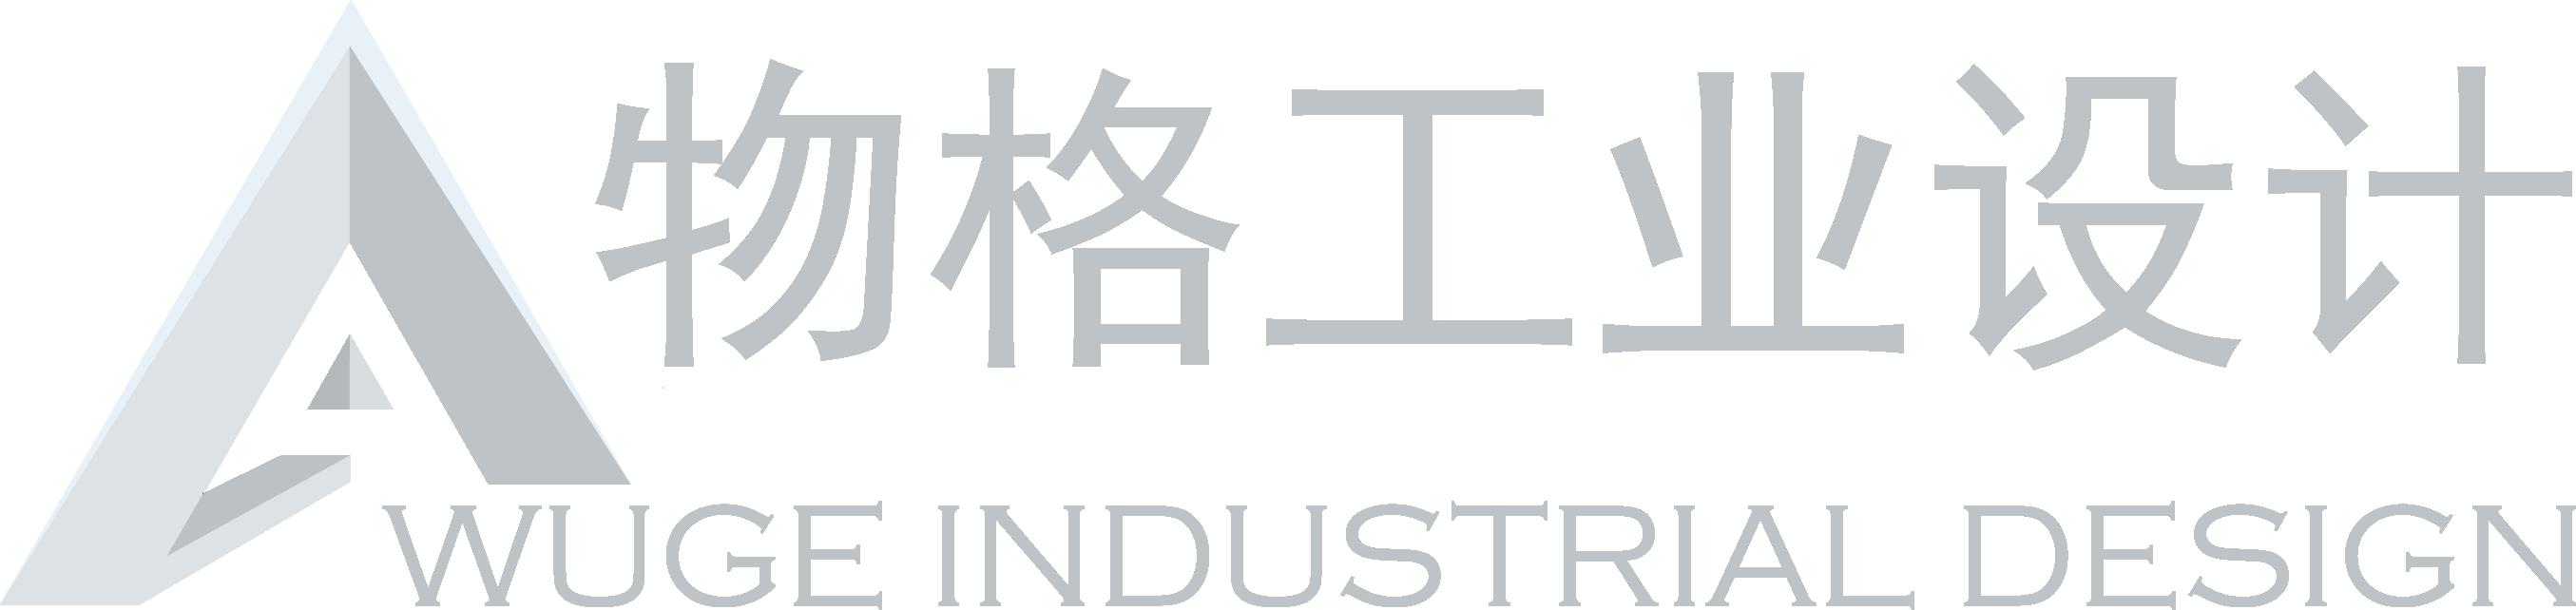 物格工业设计 Logo